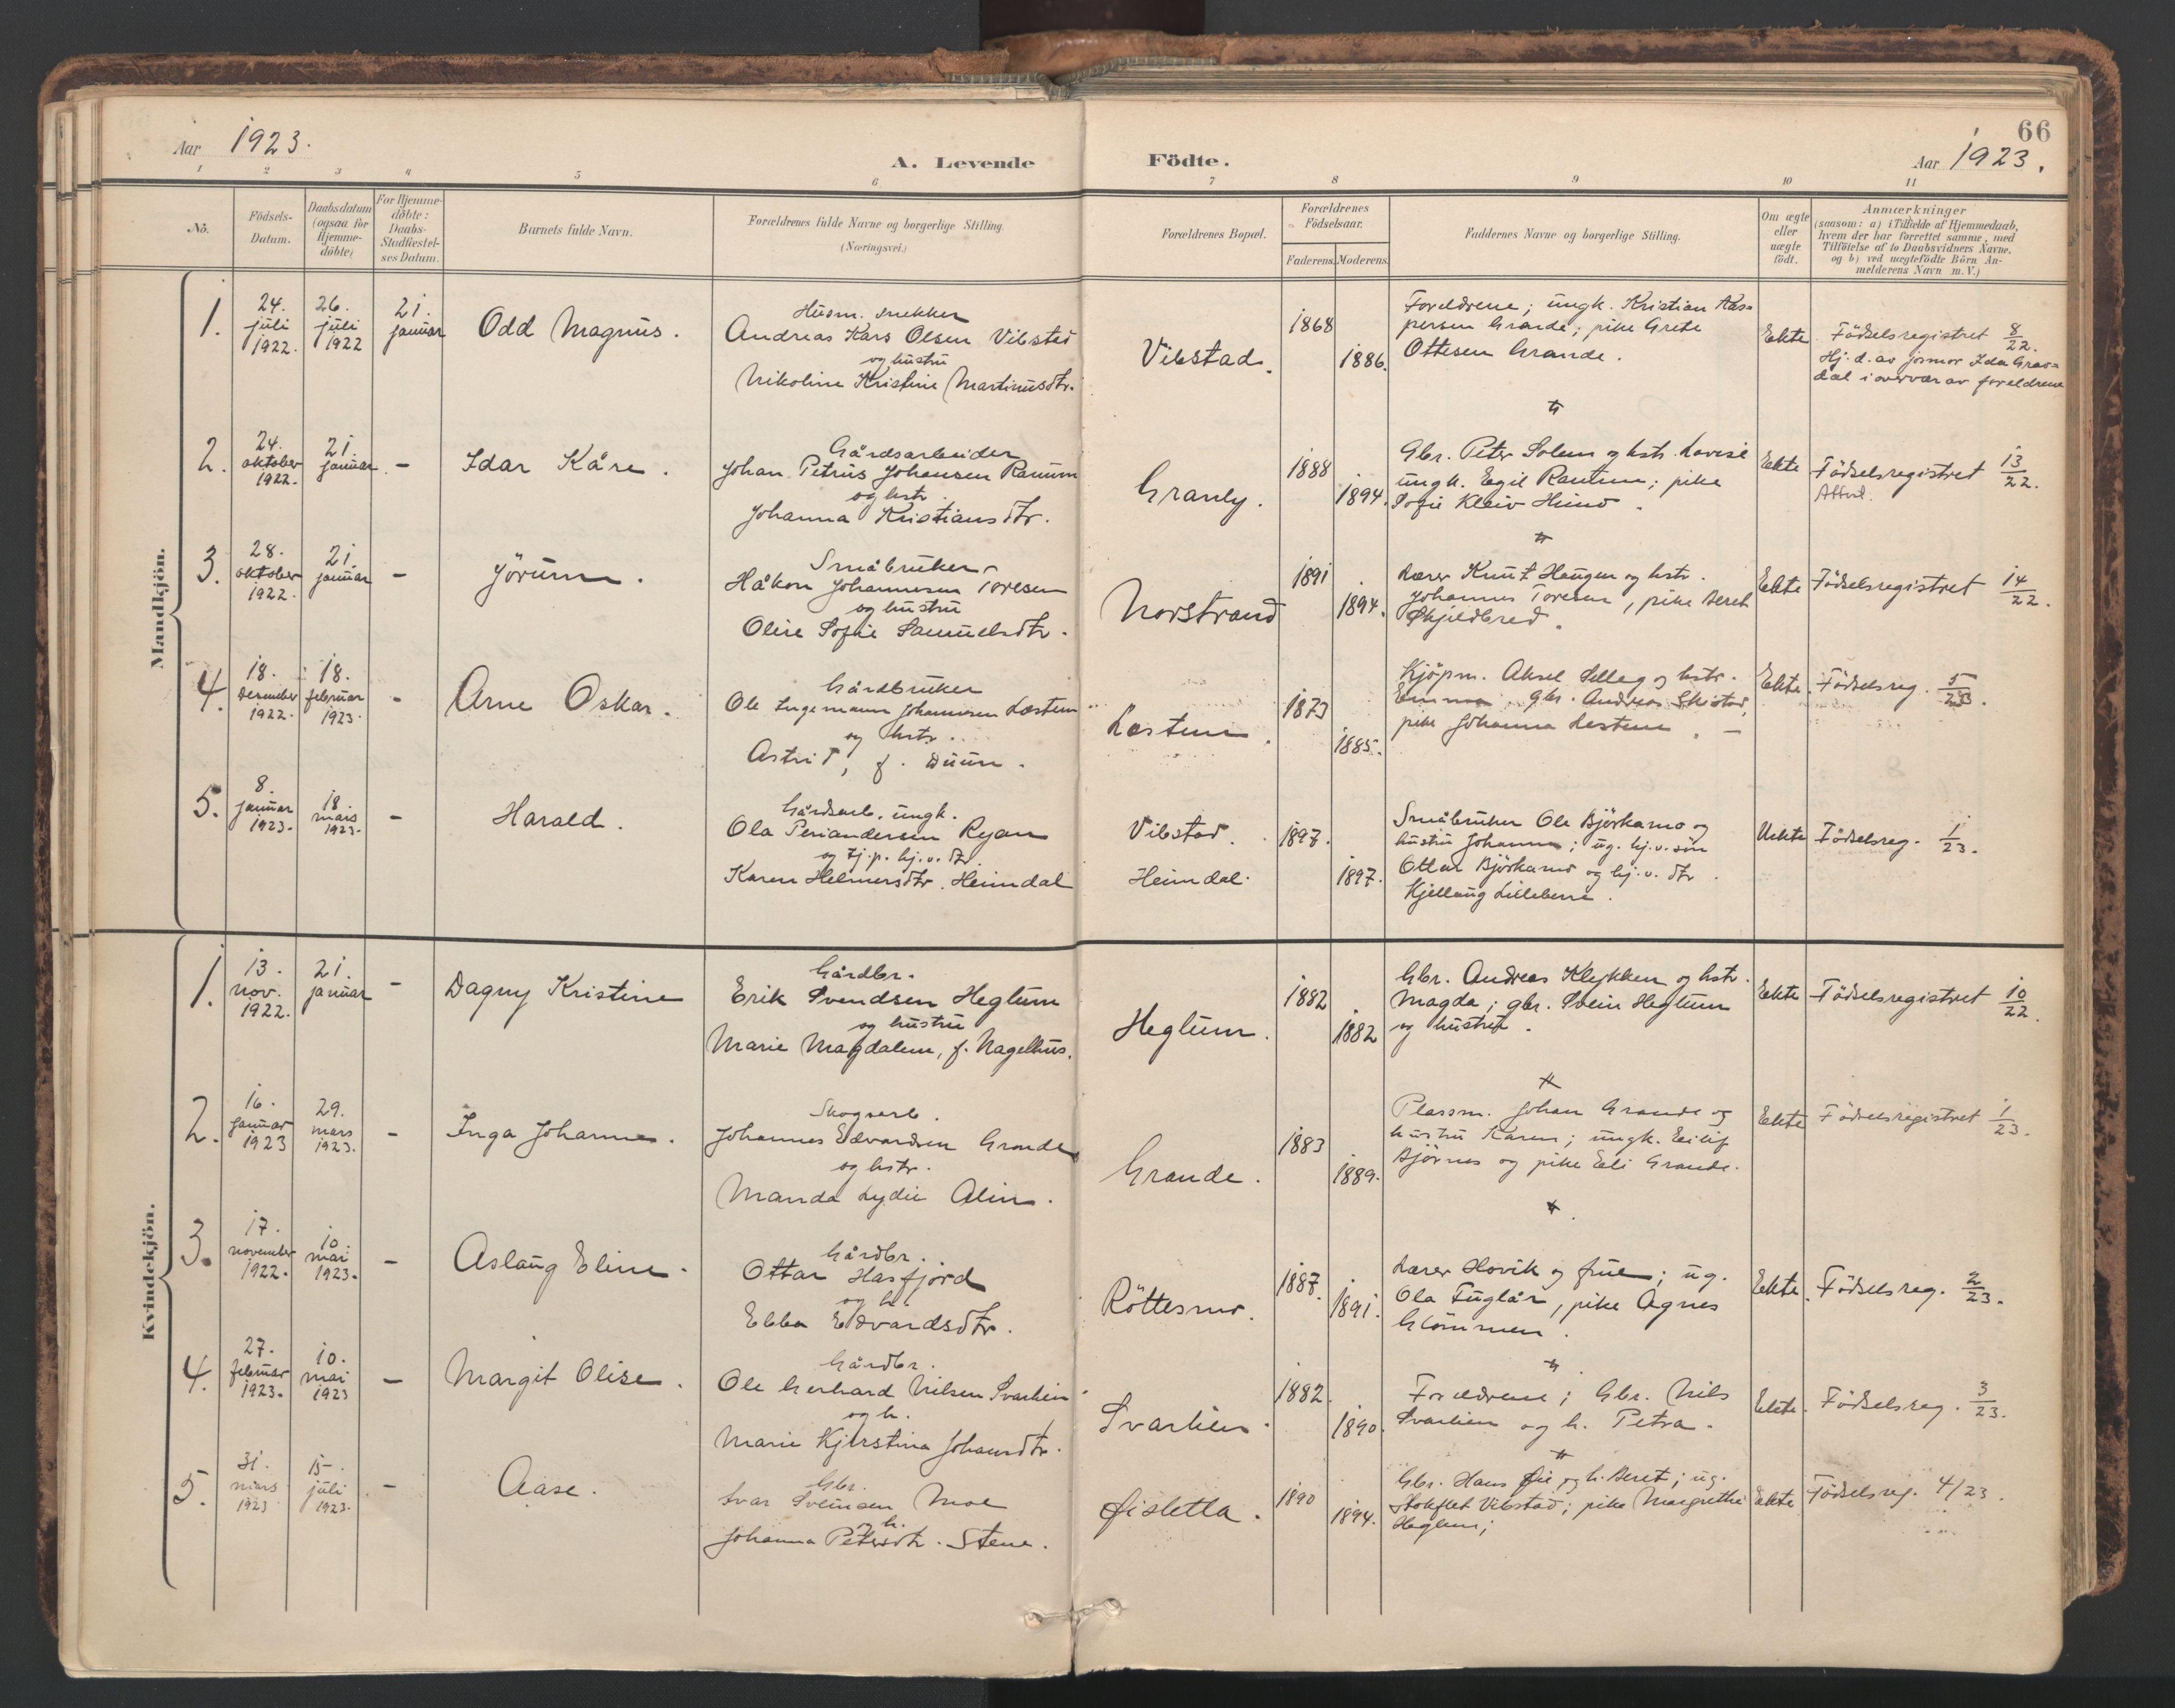 SAT, Ministerialprotokoller, klokkerbøker og fødselsregistre - Nord-Trøndelag, 764/L0556: Ministerialbok nr. 764A11, 1897-1924, s. 66